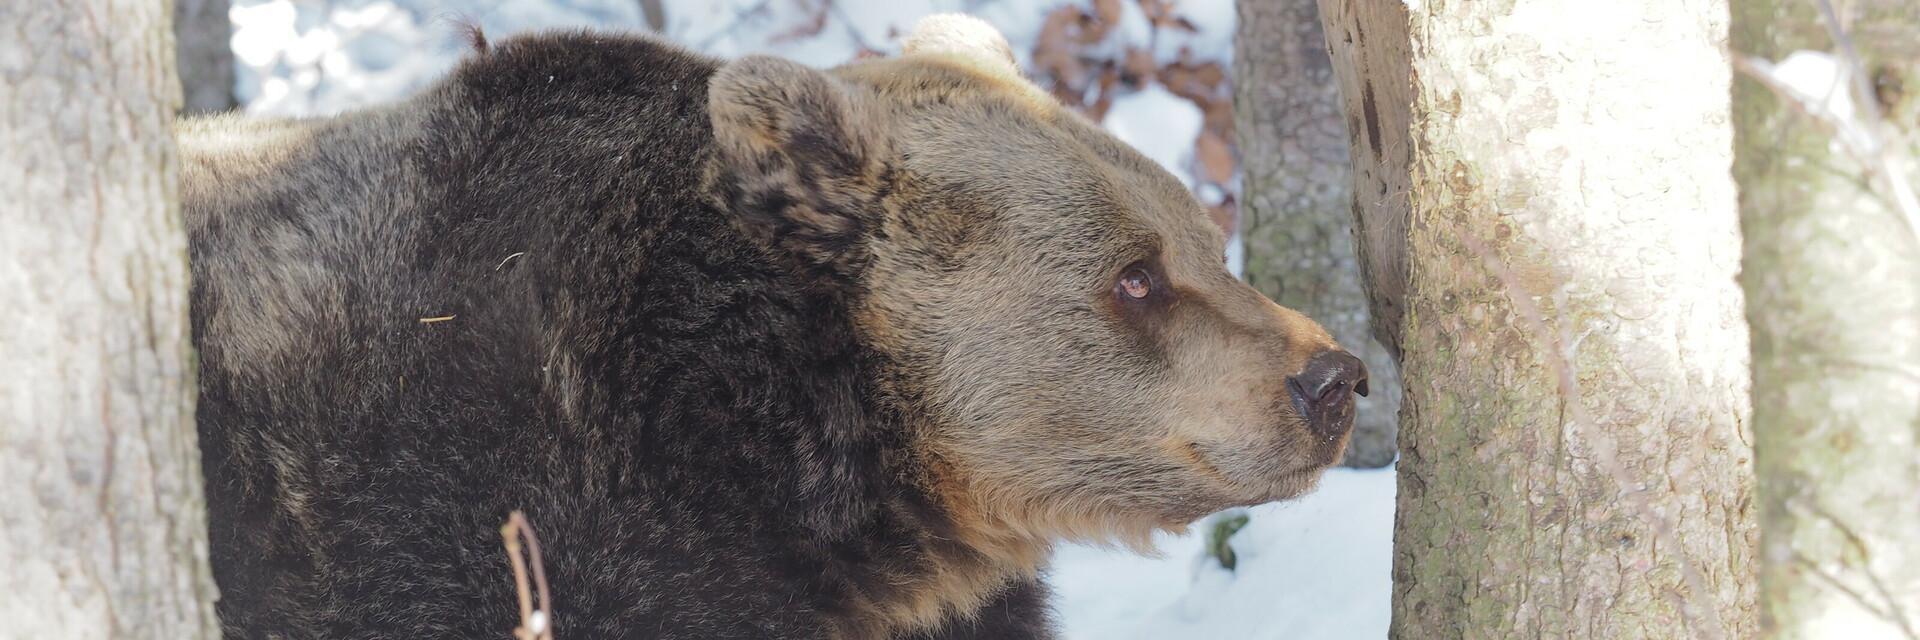 Bär Brumca im Schnee